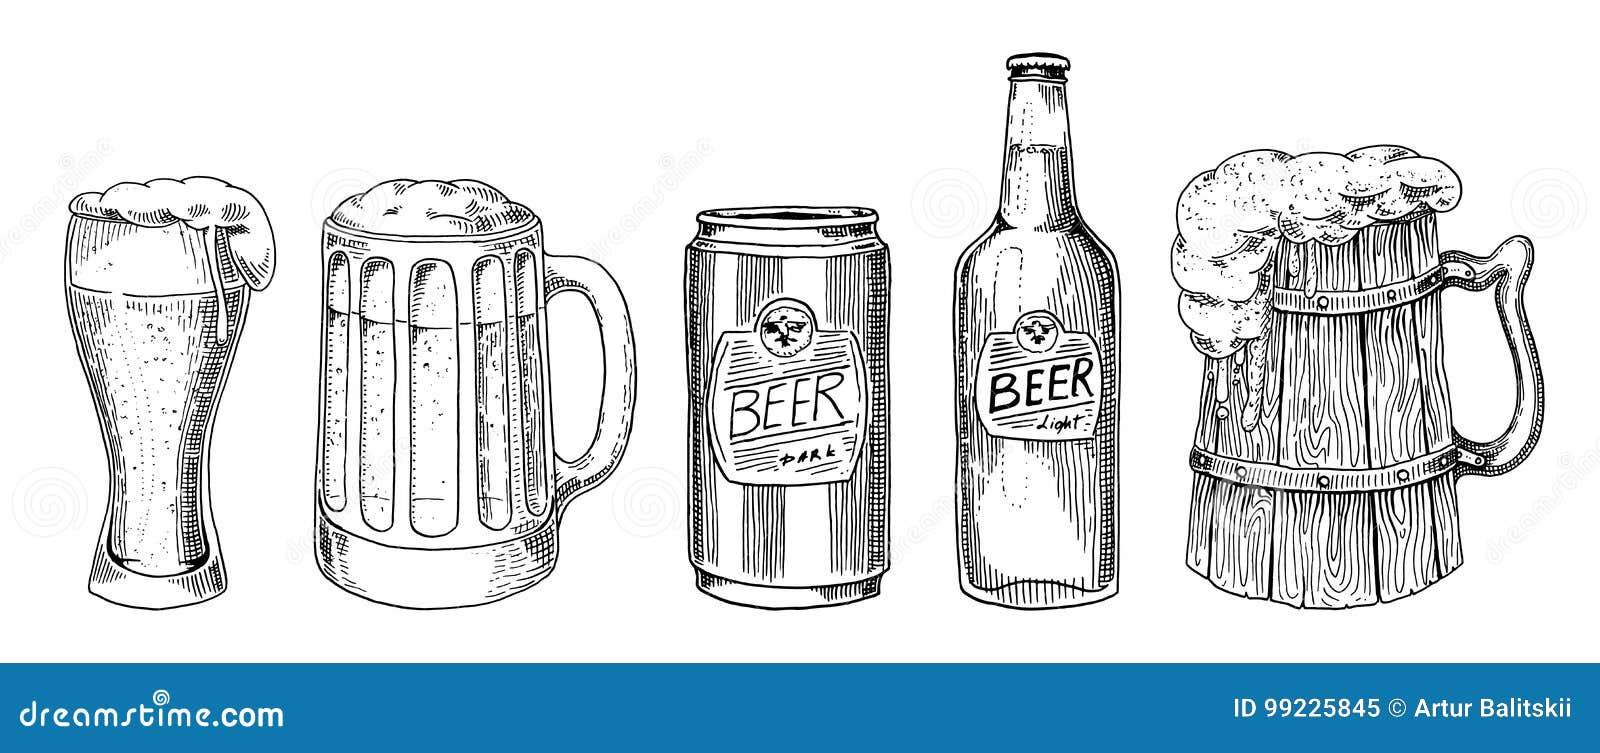 Beer Bottle Clipart - Clipart Kid | Beer bottle drawing, Bottle drawing,  Beer illustration